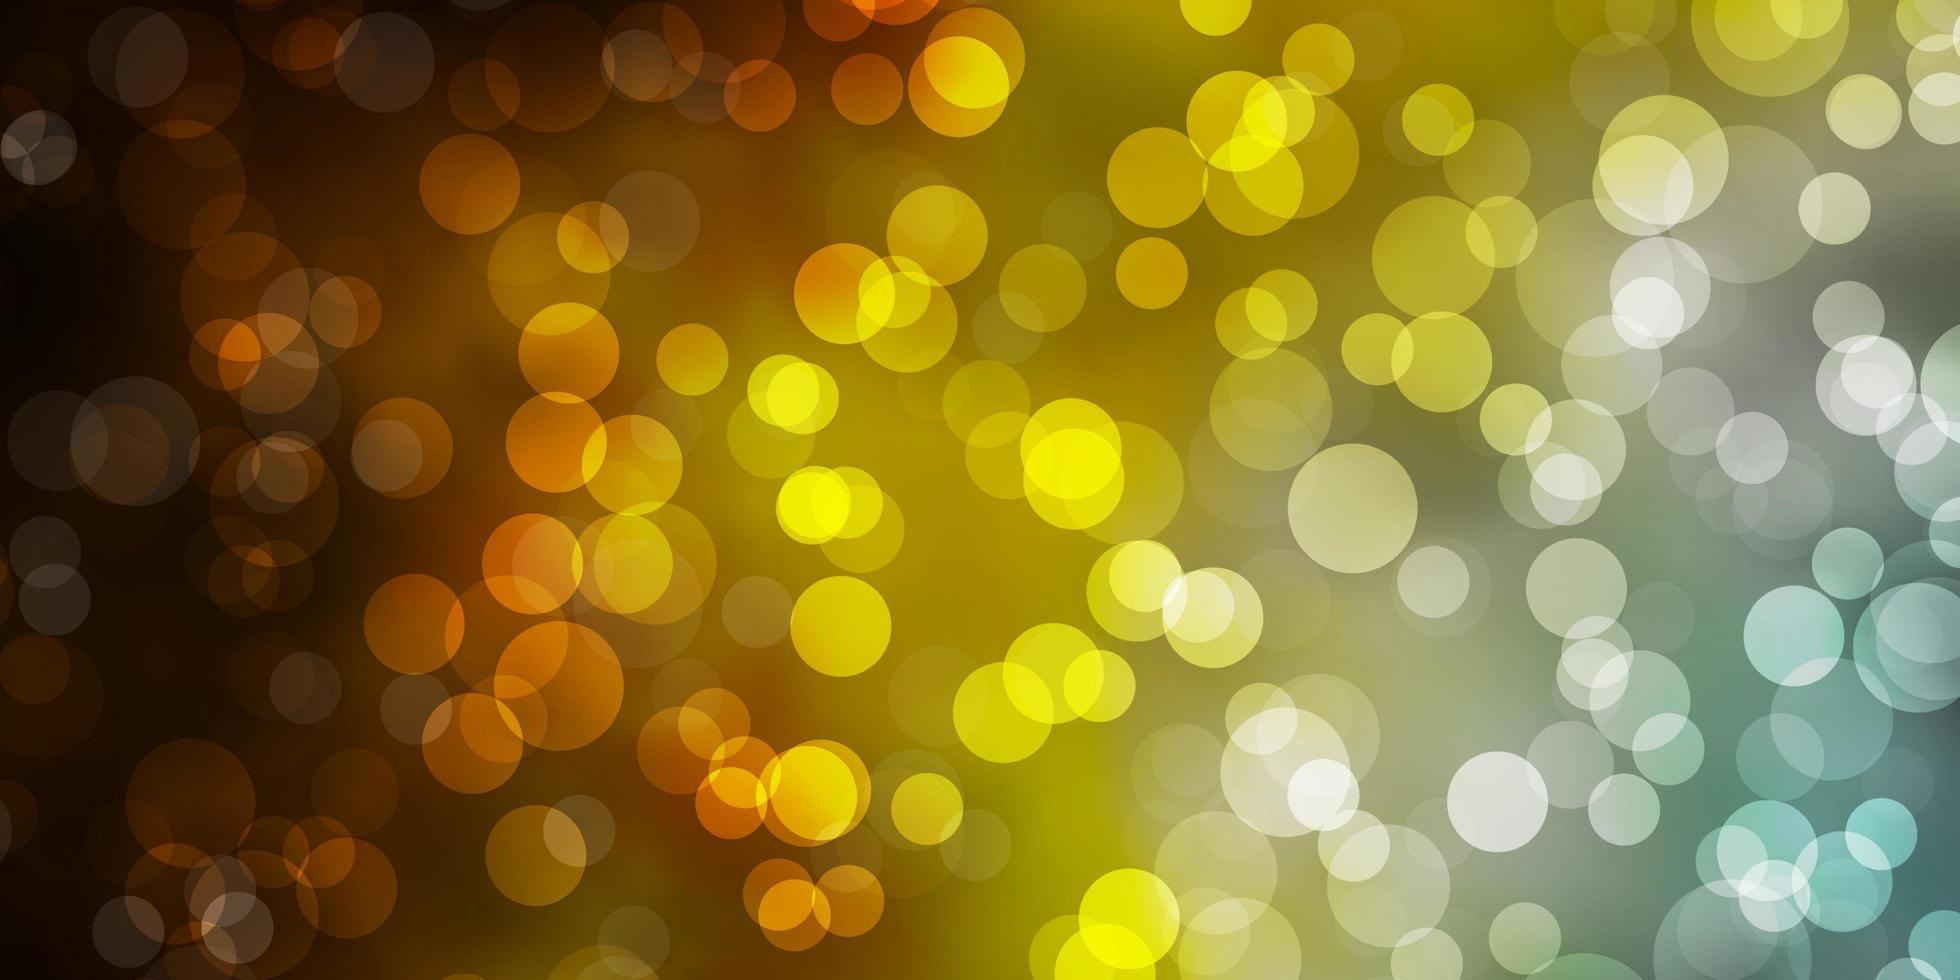 padrão de vetor azul claro, amarelo com círculos.